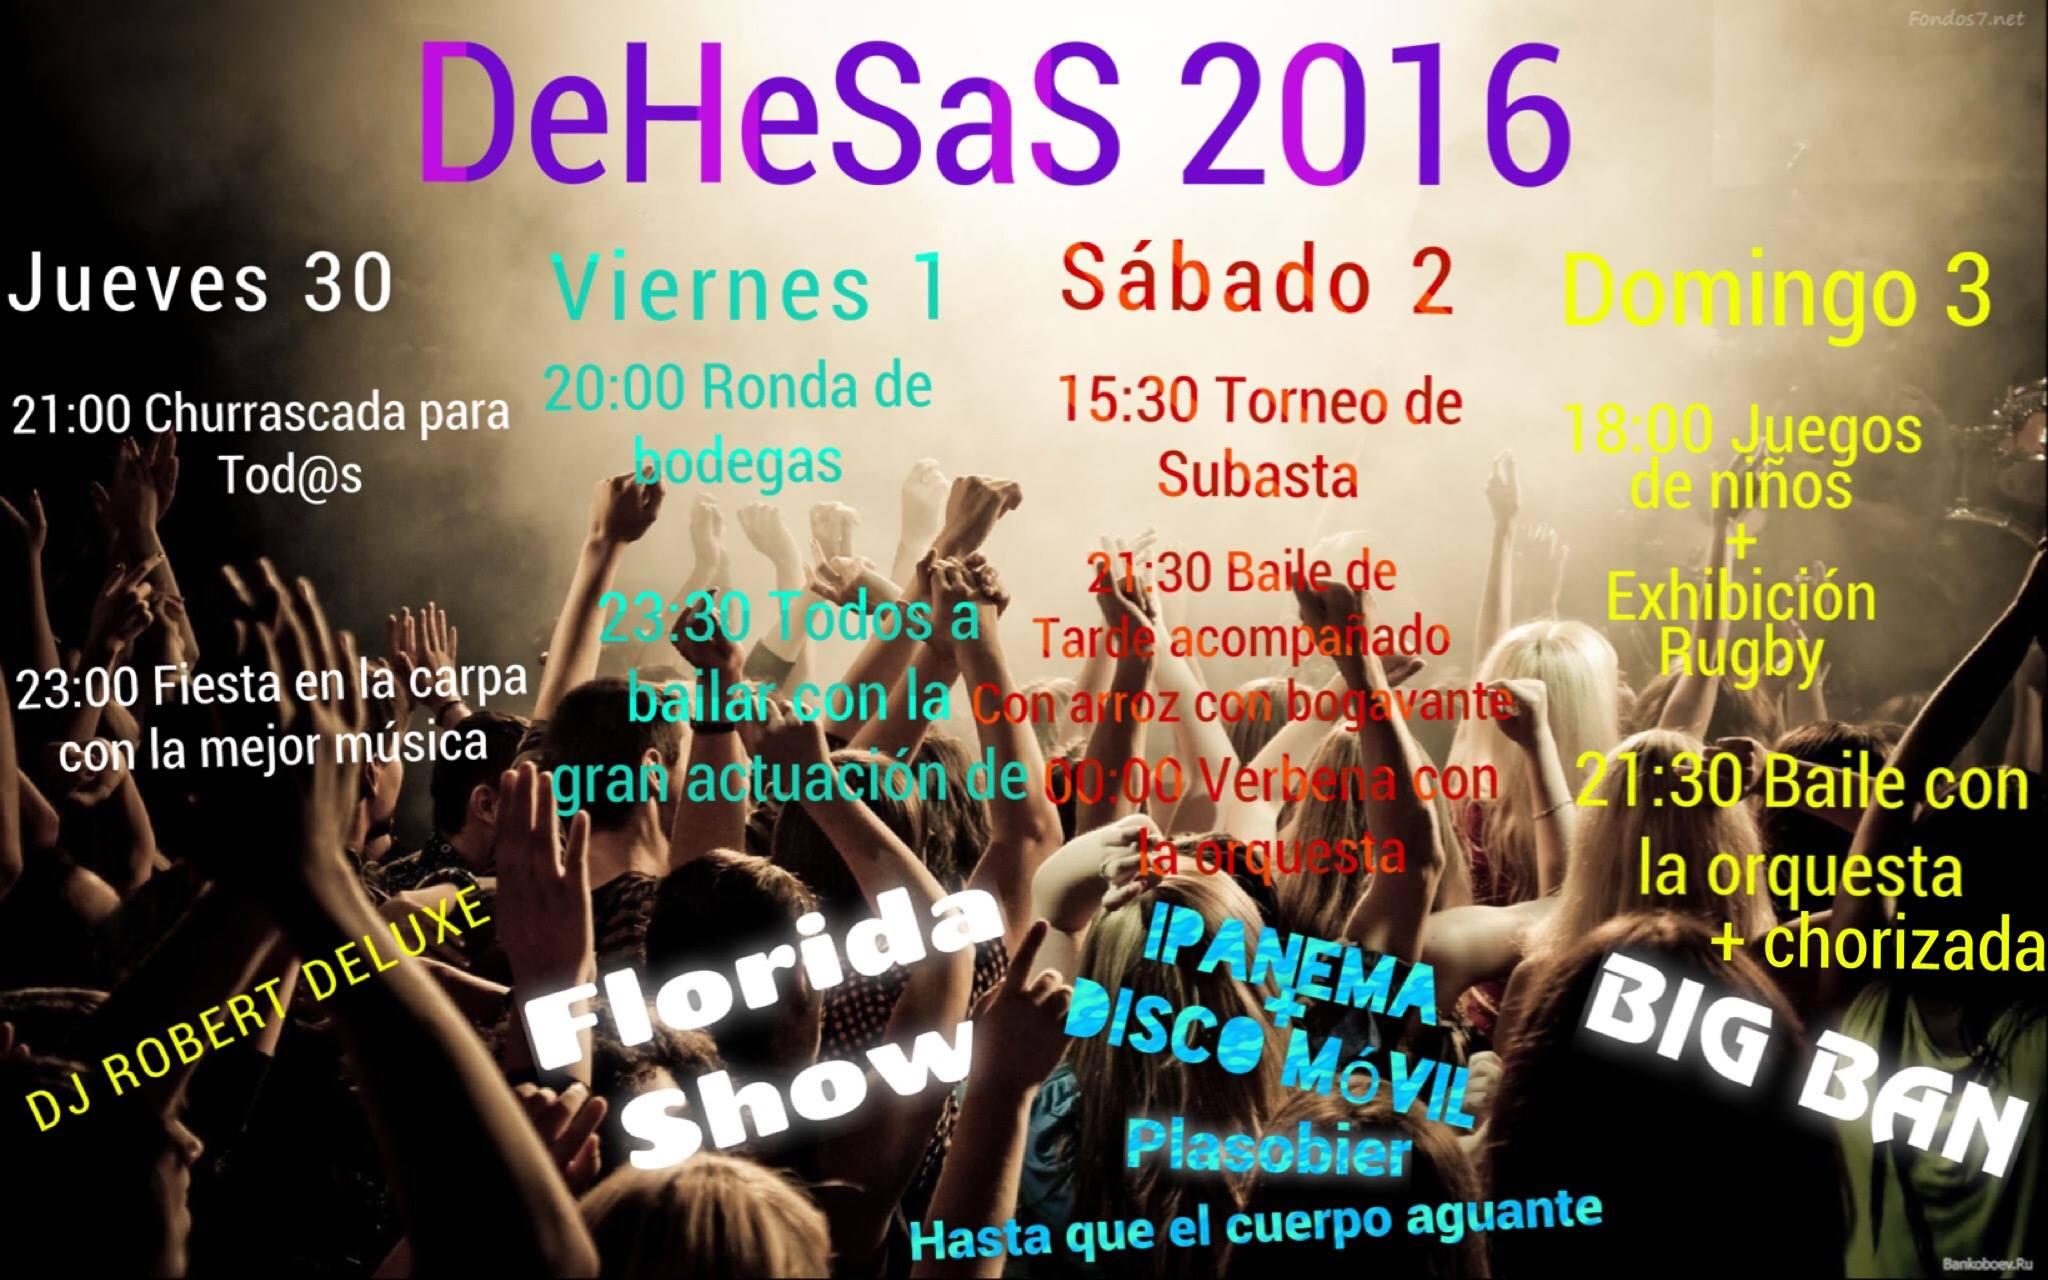 fiestas-dehesas-2016